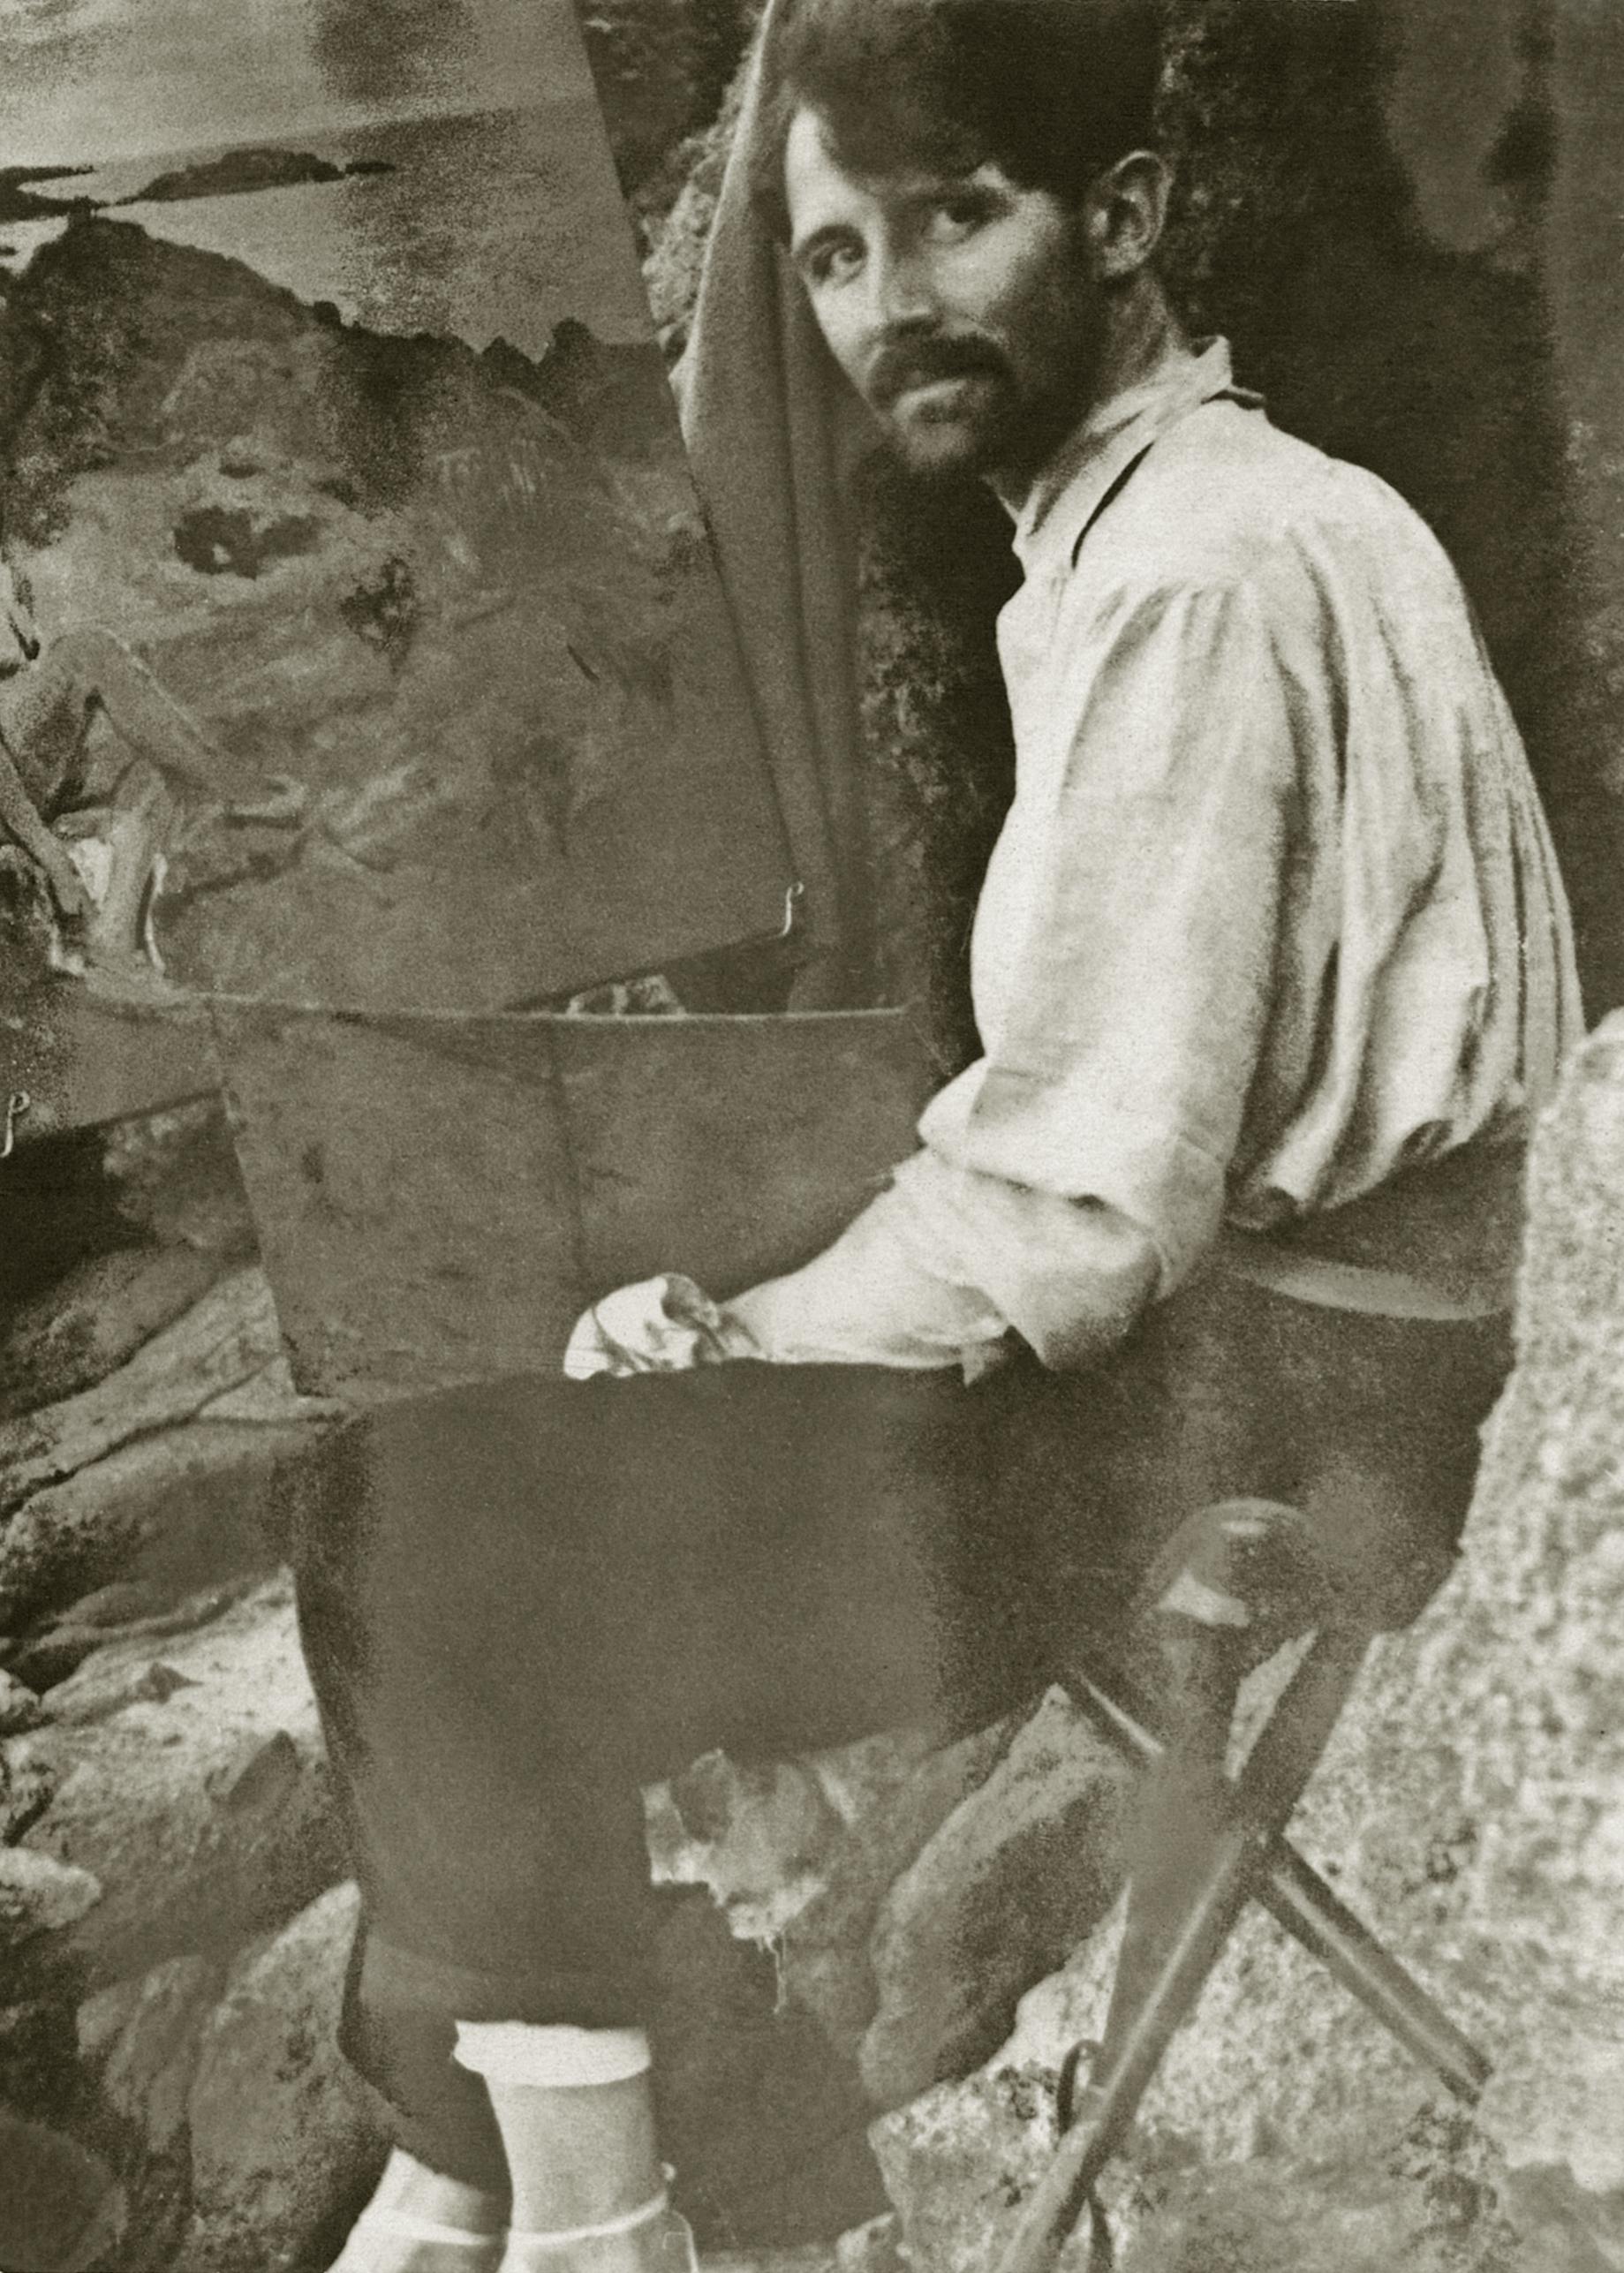 Jacques-Majorelle